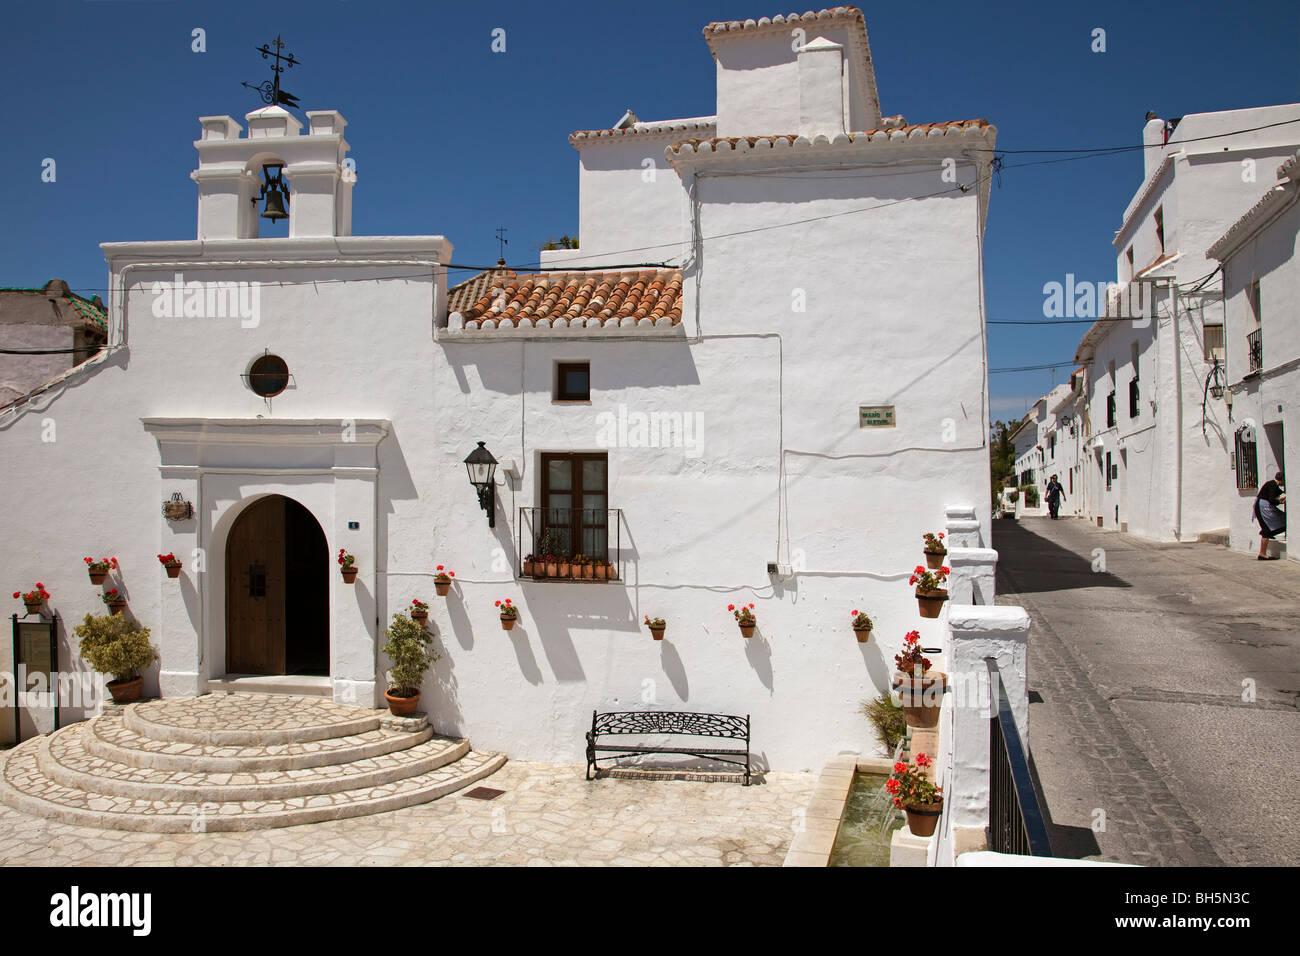 Iglesia de los Remedios Pueblo Blanco de Mijas Costa del Sol Málaga Andalucía España Los Remedios church white village Stock Photo